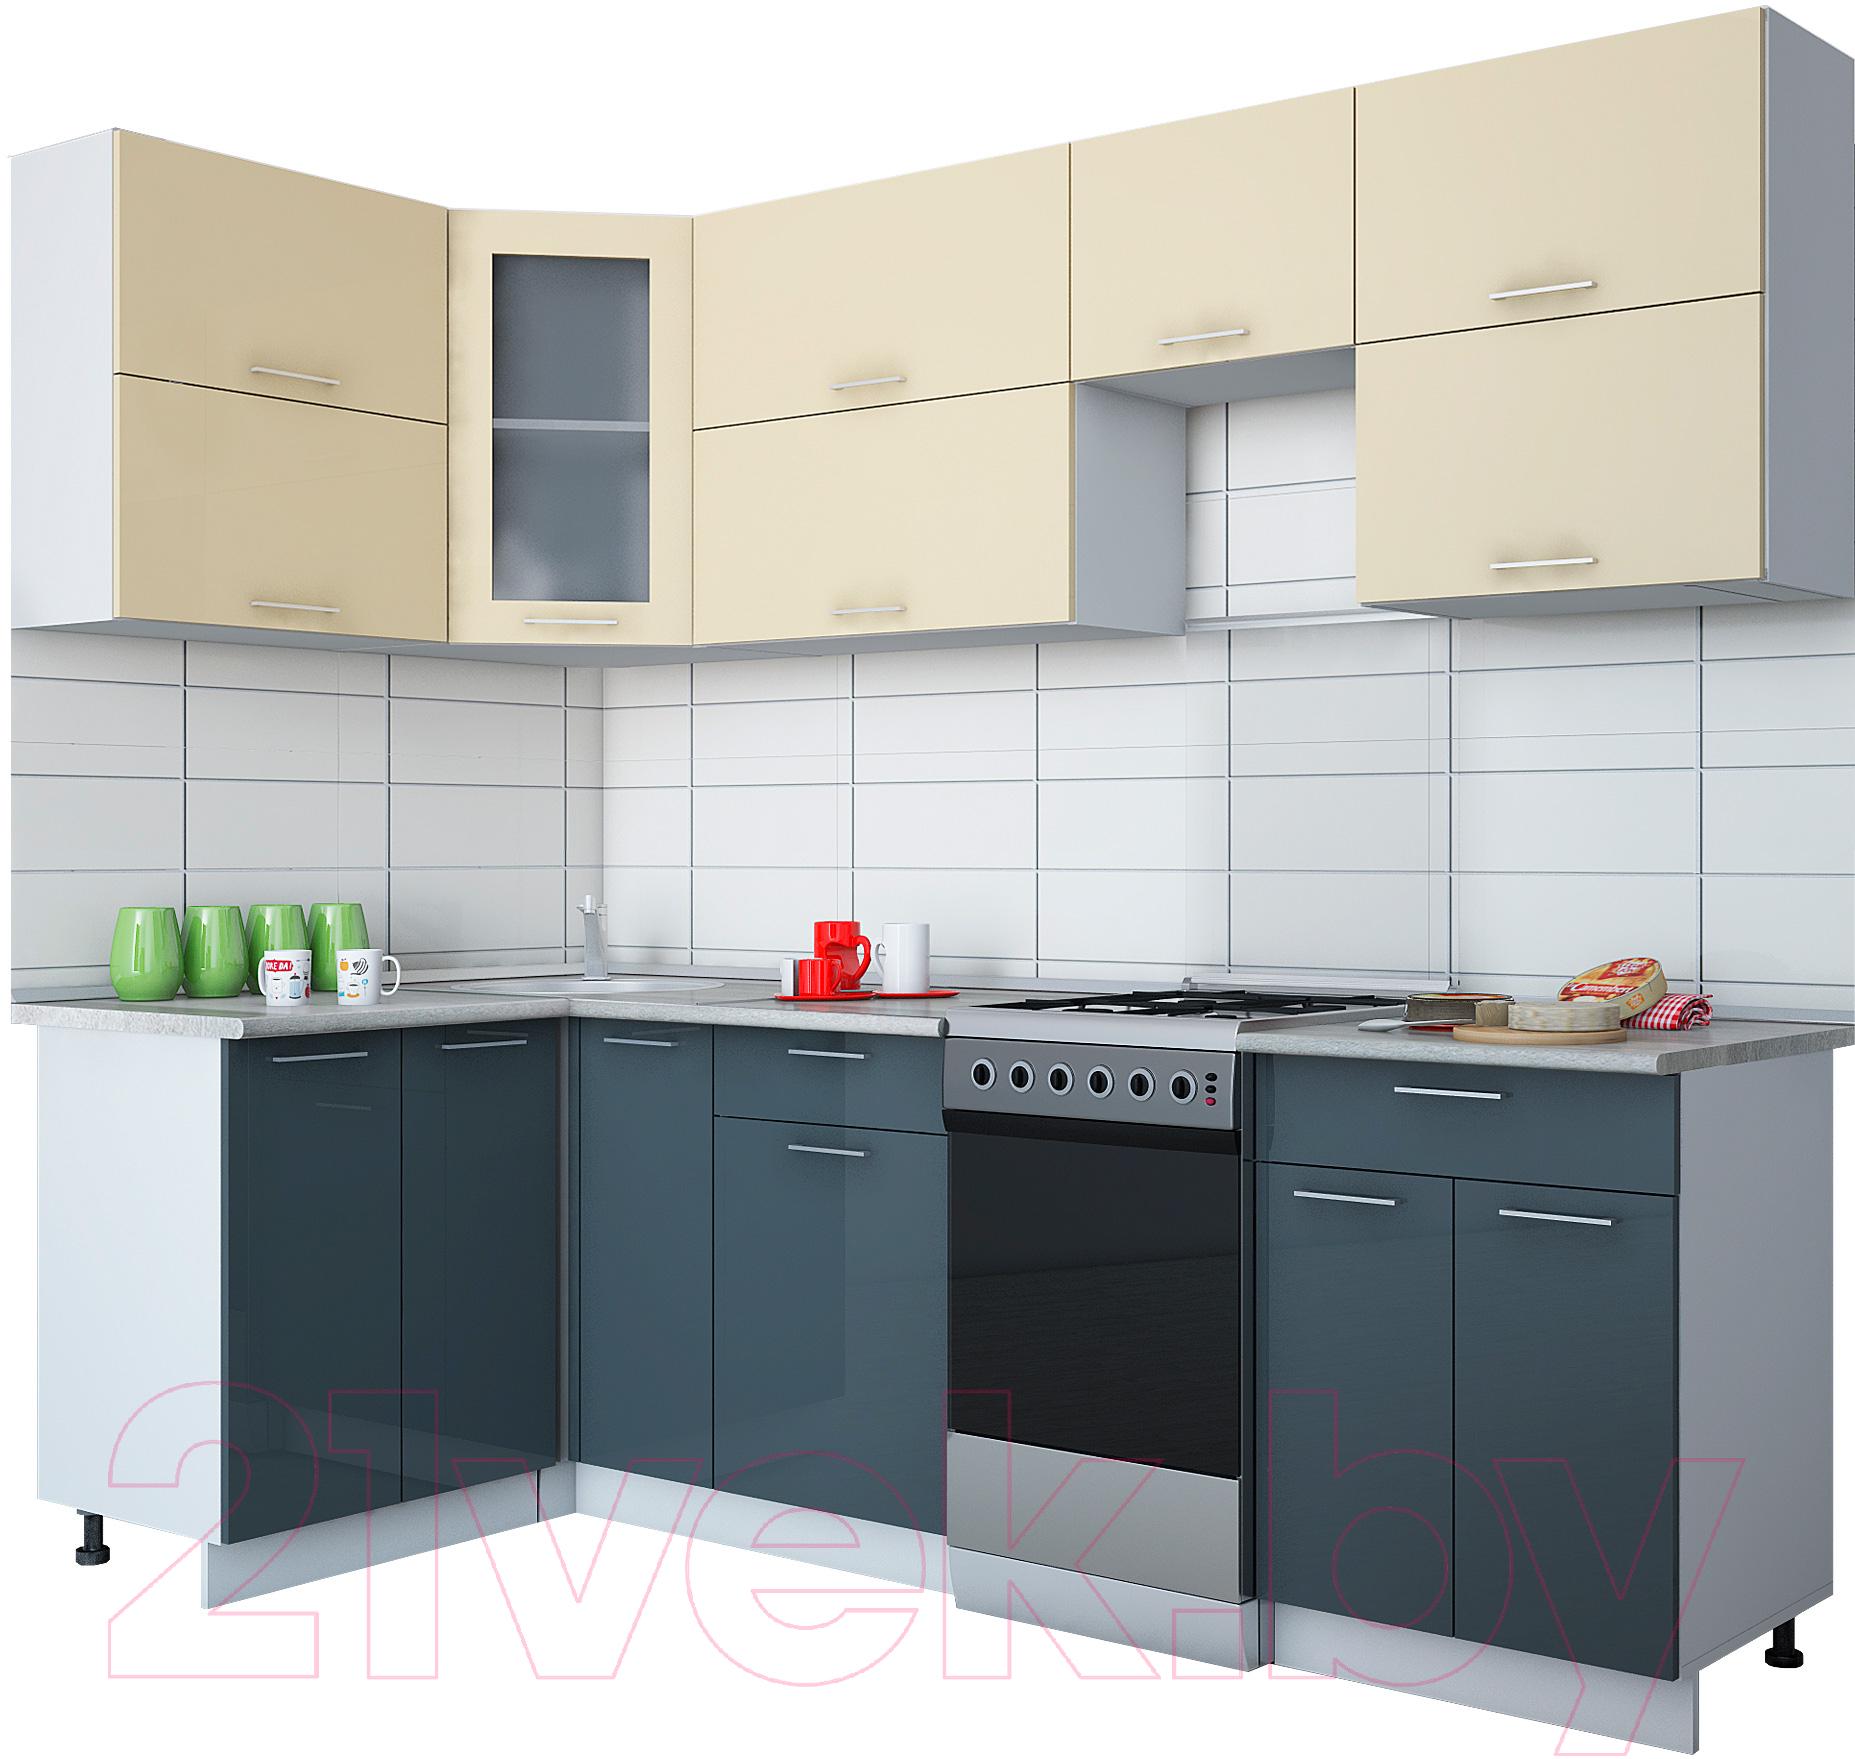 Купить Готовая кухня Интерлиния, Мила Gloss 50-12x25 (ваниль/асфальт глянец), Беларусь